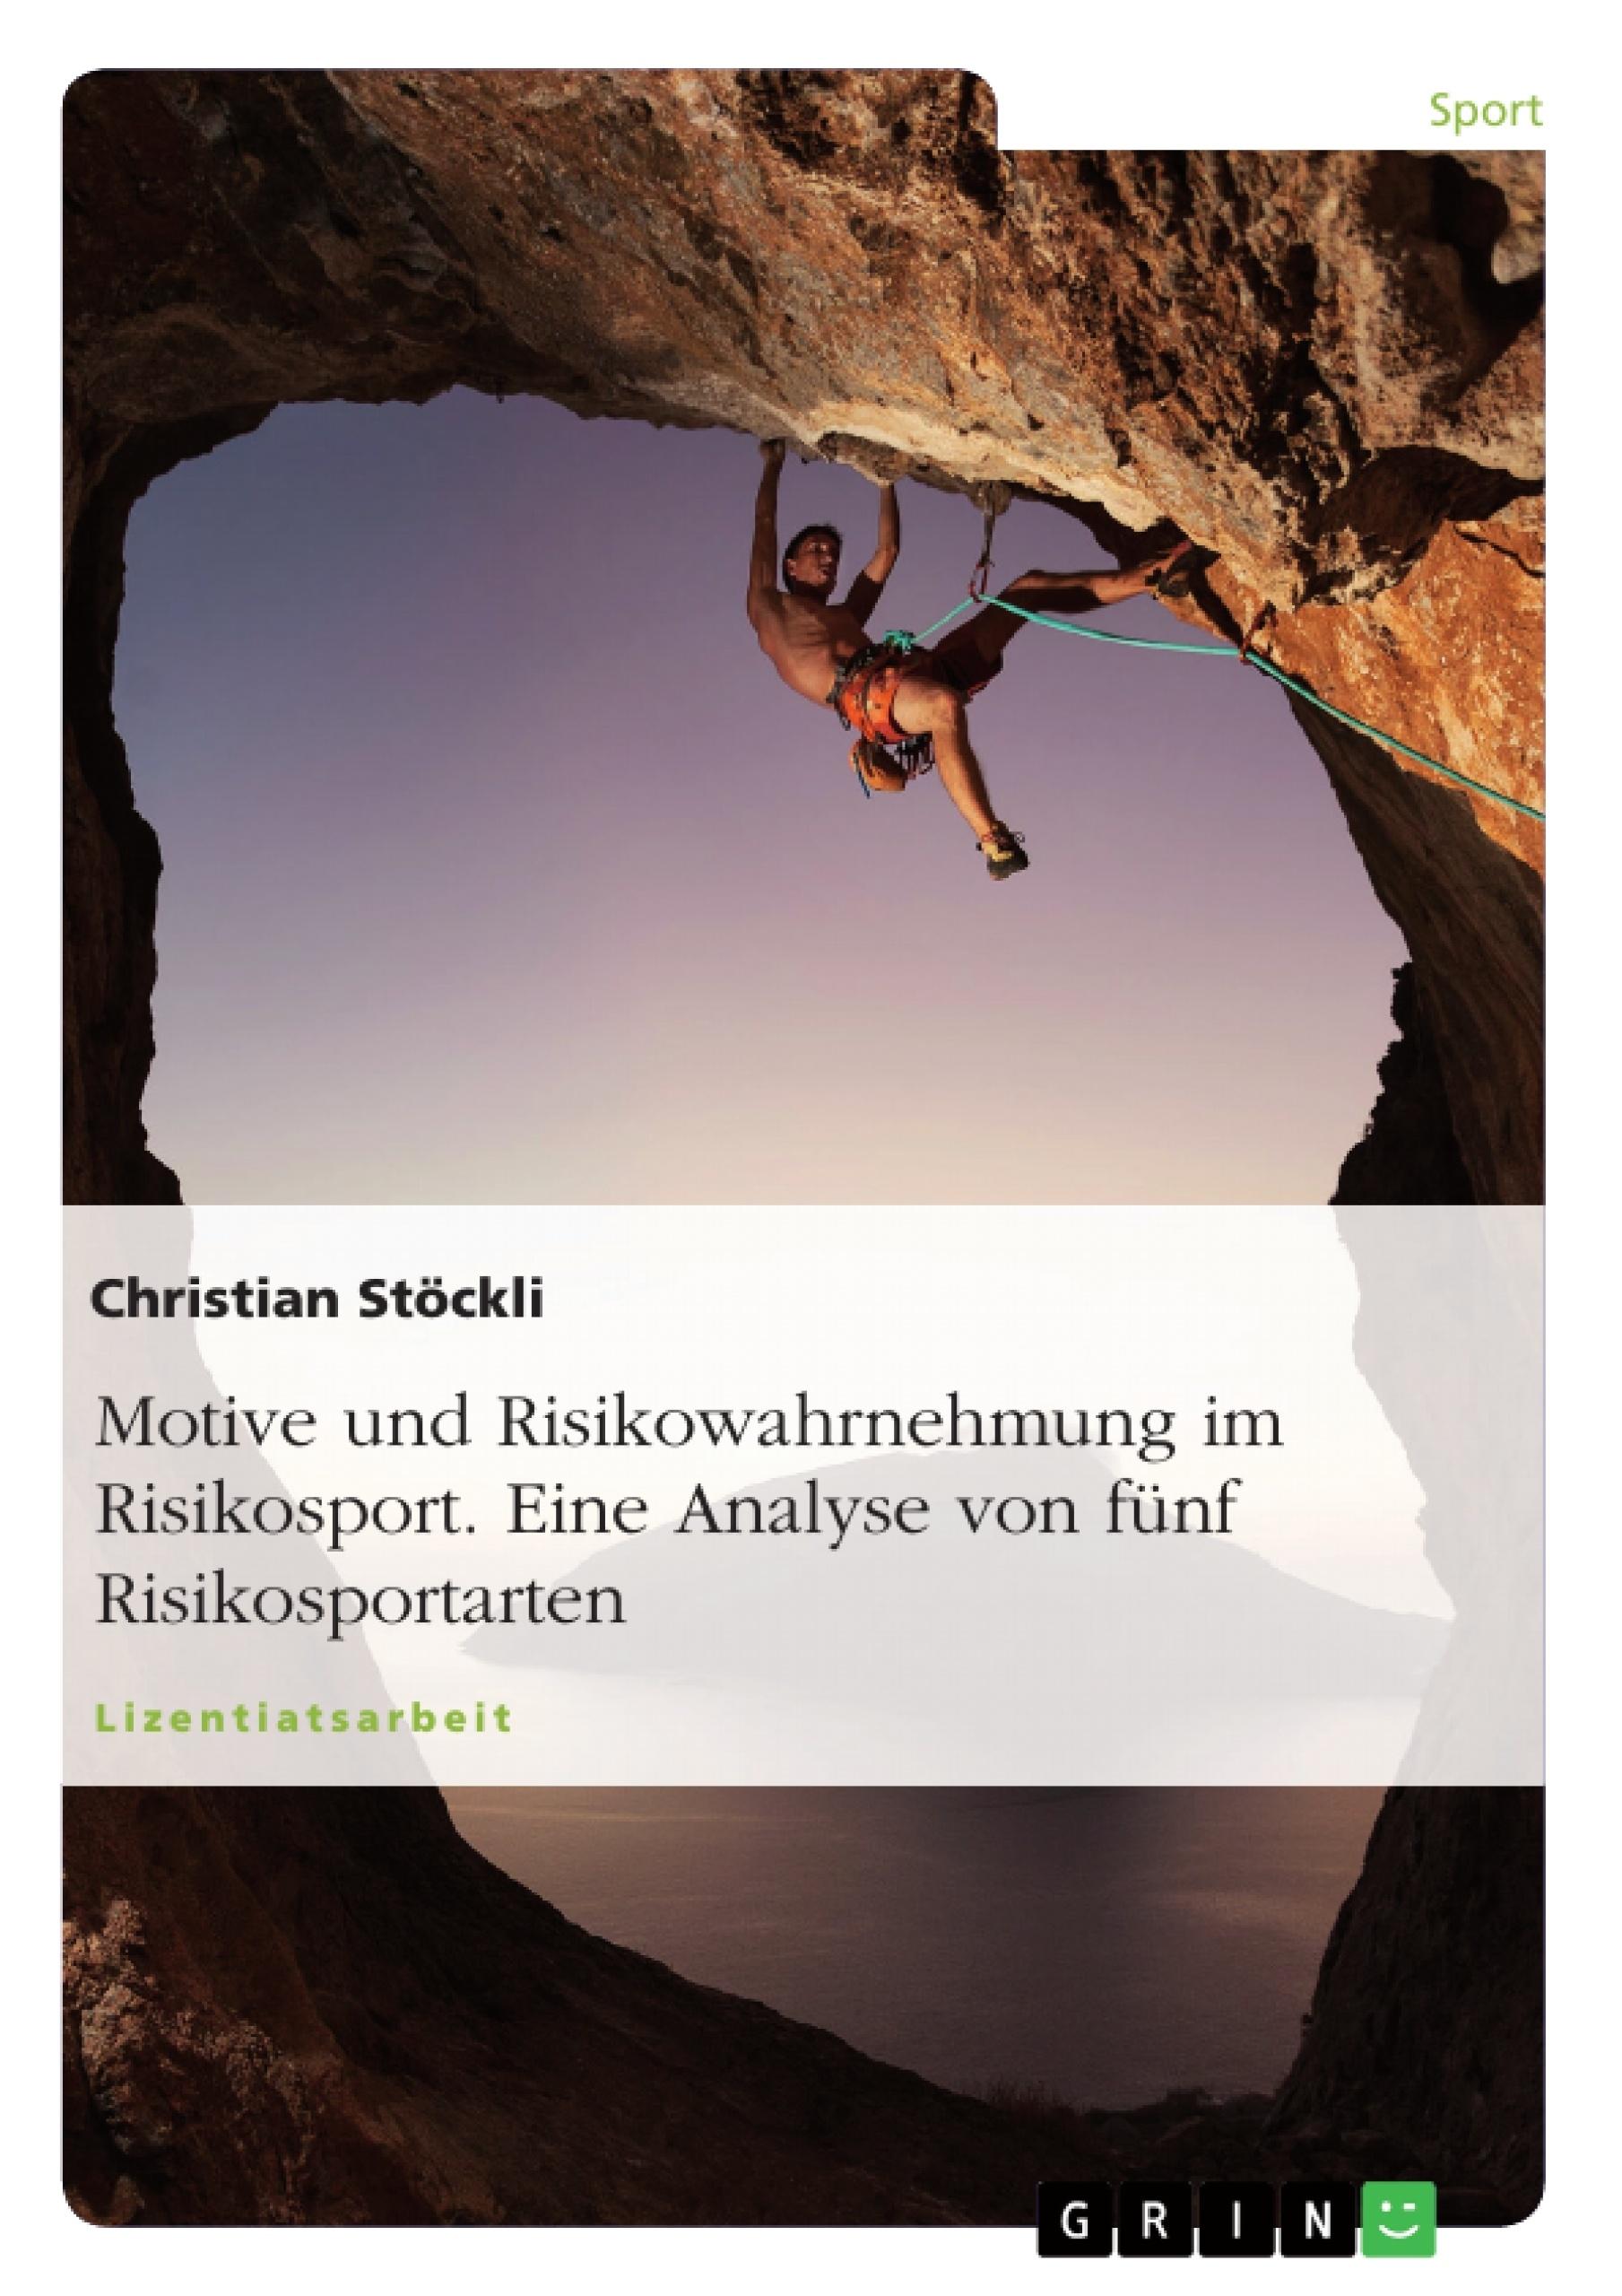 Titel: Motive und Risikowahrnehmung im Risikosport. Eine Analyse von fünf Risikosportarten